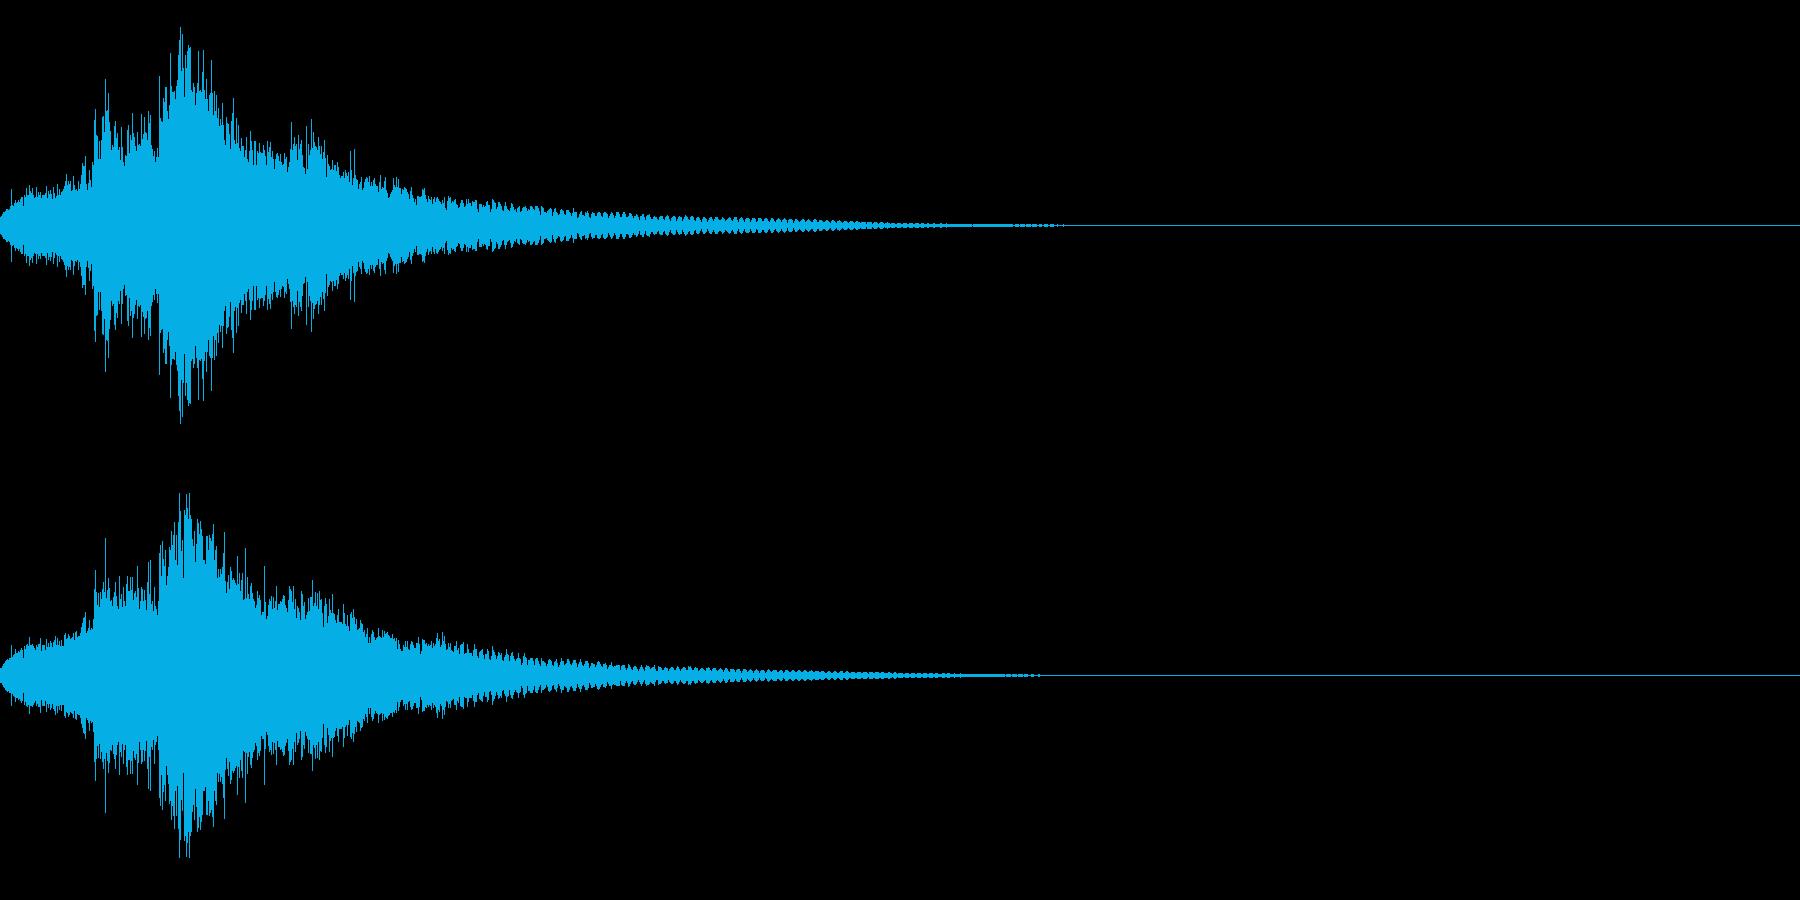 キラキラ キラーン☆魔法等の輝きに!01の再生済みの波形